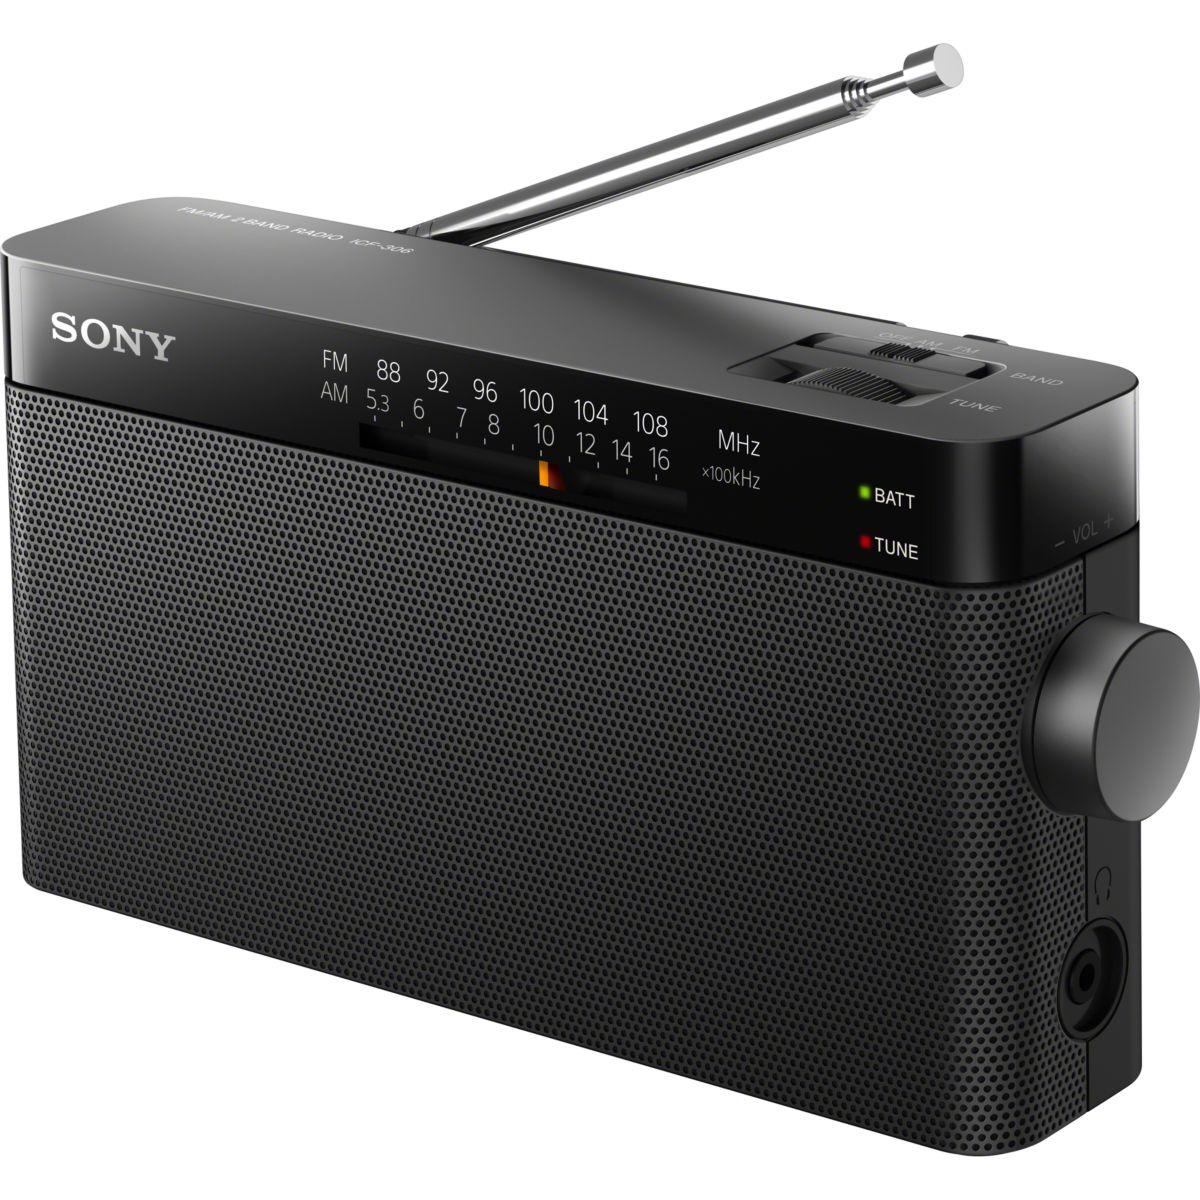 Radio analogique SONY ICF 306